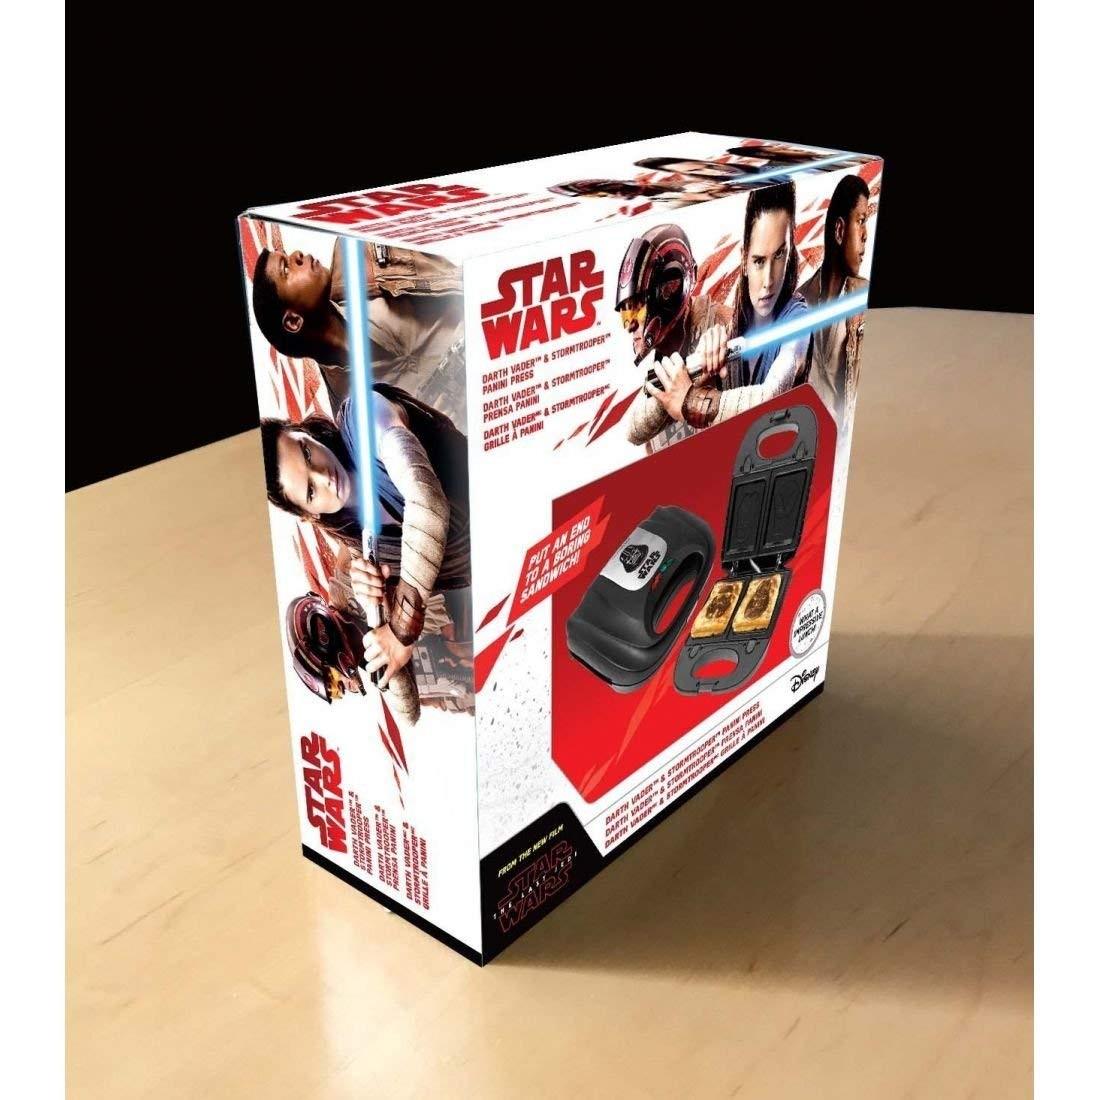 Star Wars Tostadora Darth Vader